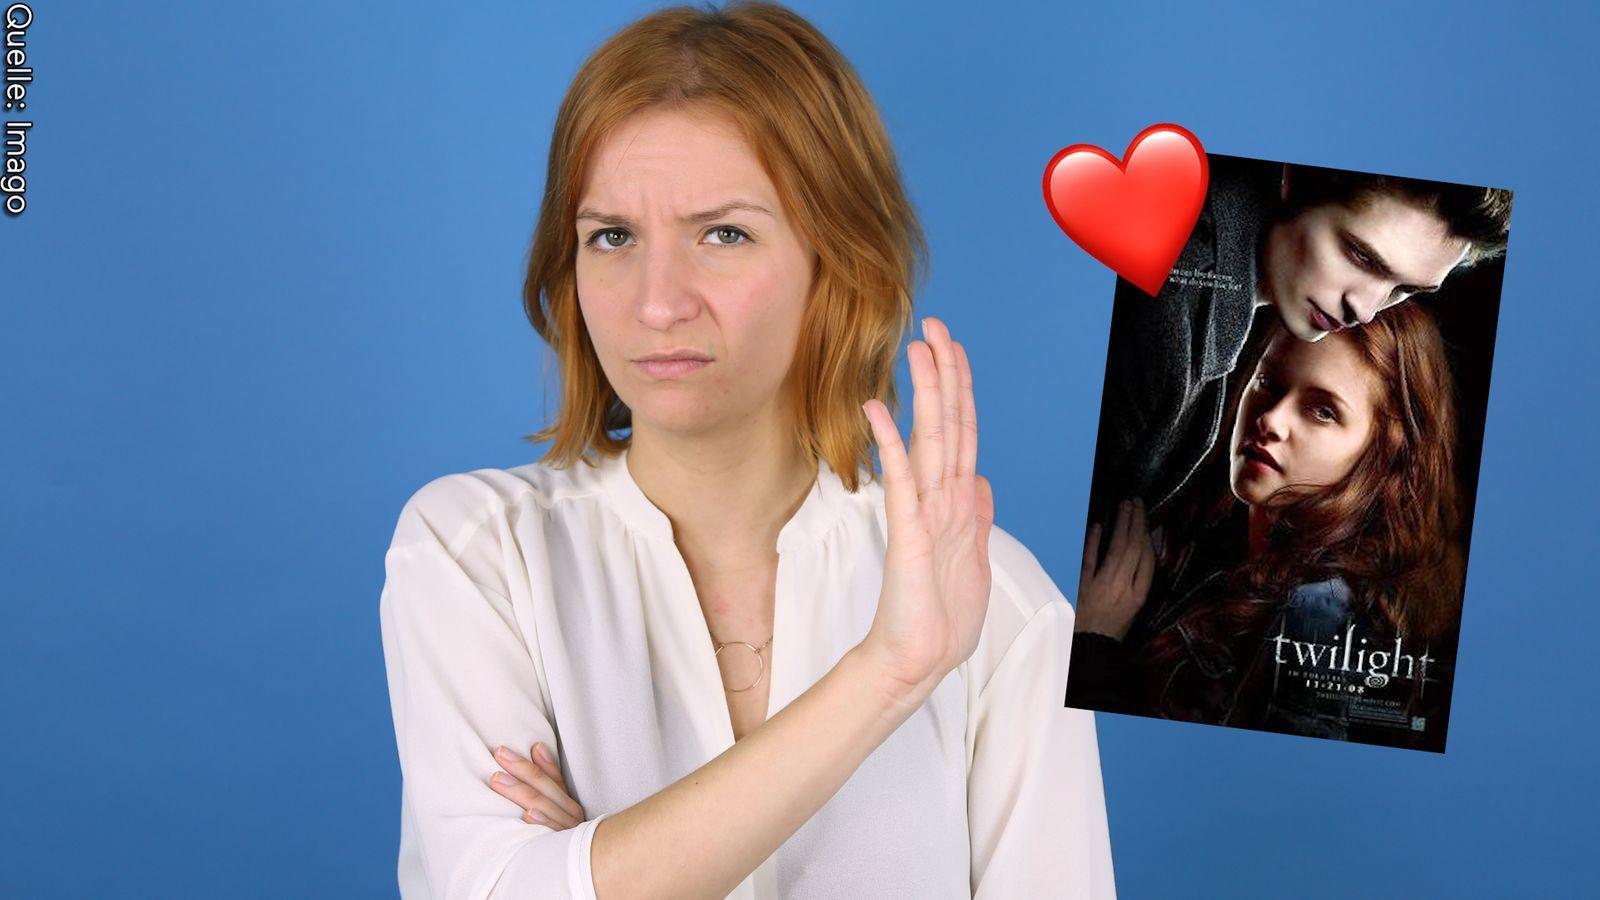 Romantik in Liebesfilmen ist Stalking